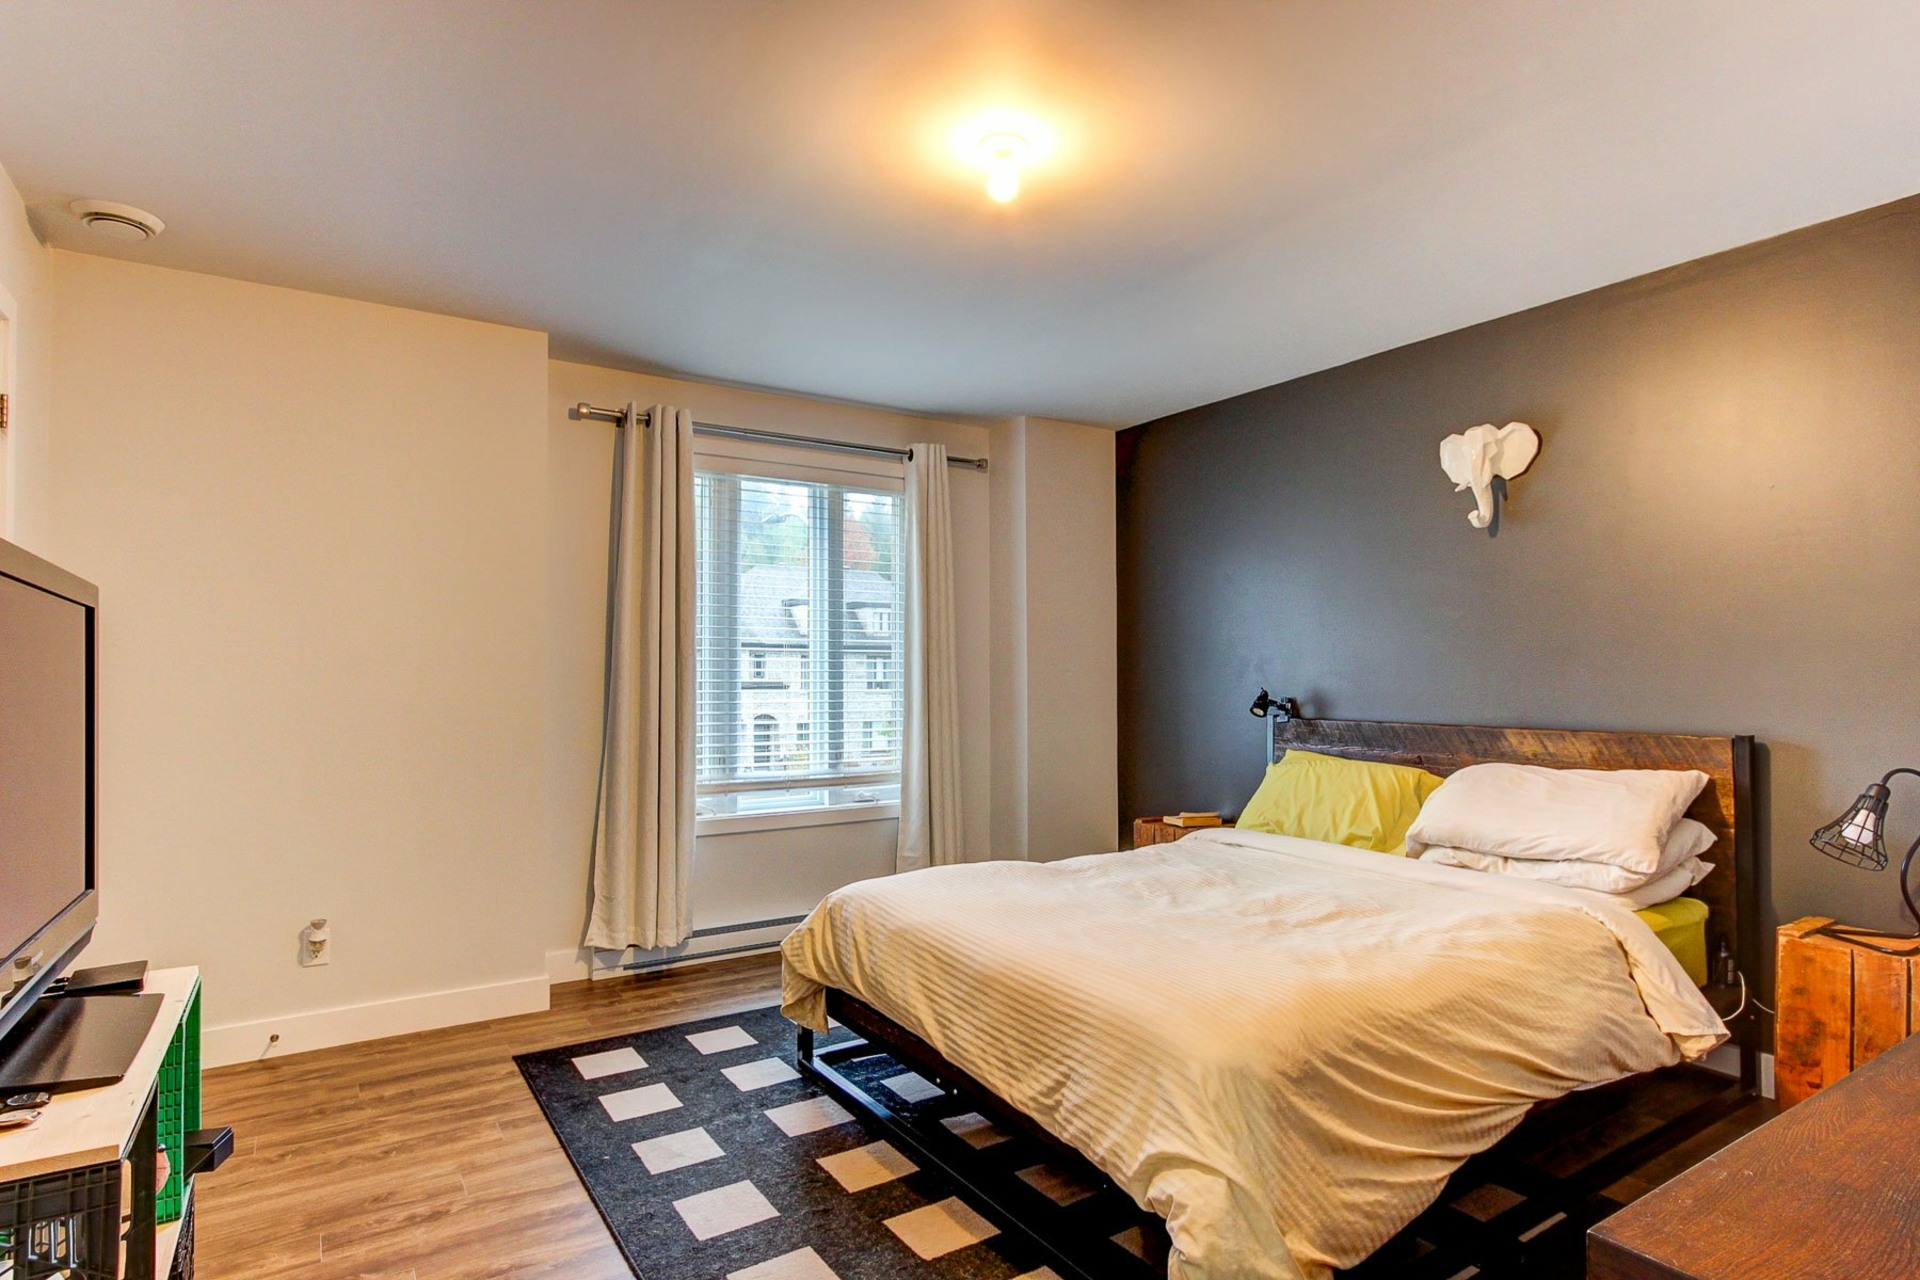 image 13 - Appartement À vendre Trois-Rivières - 7 pièces